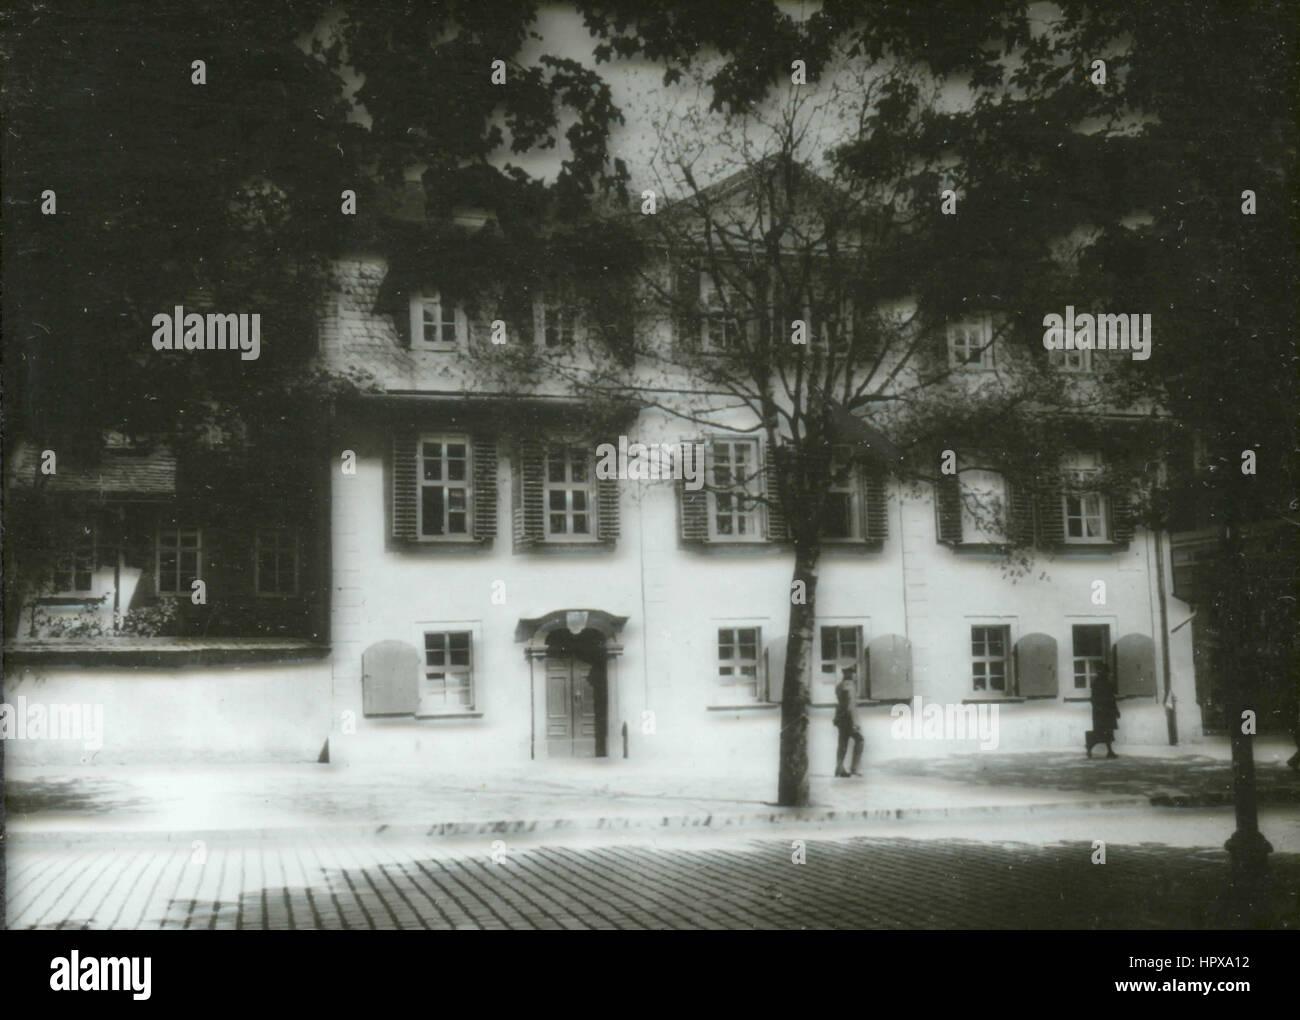 Schiller house, Weimar, Germany - Stock Image